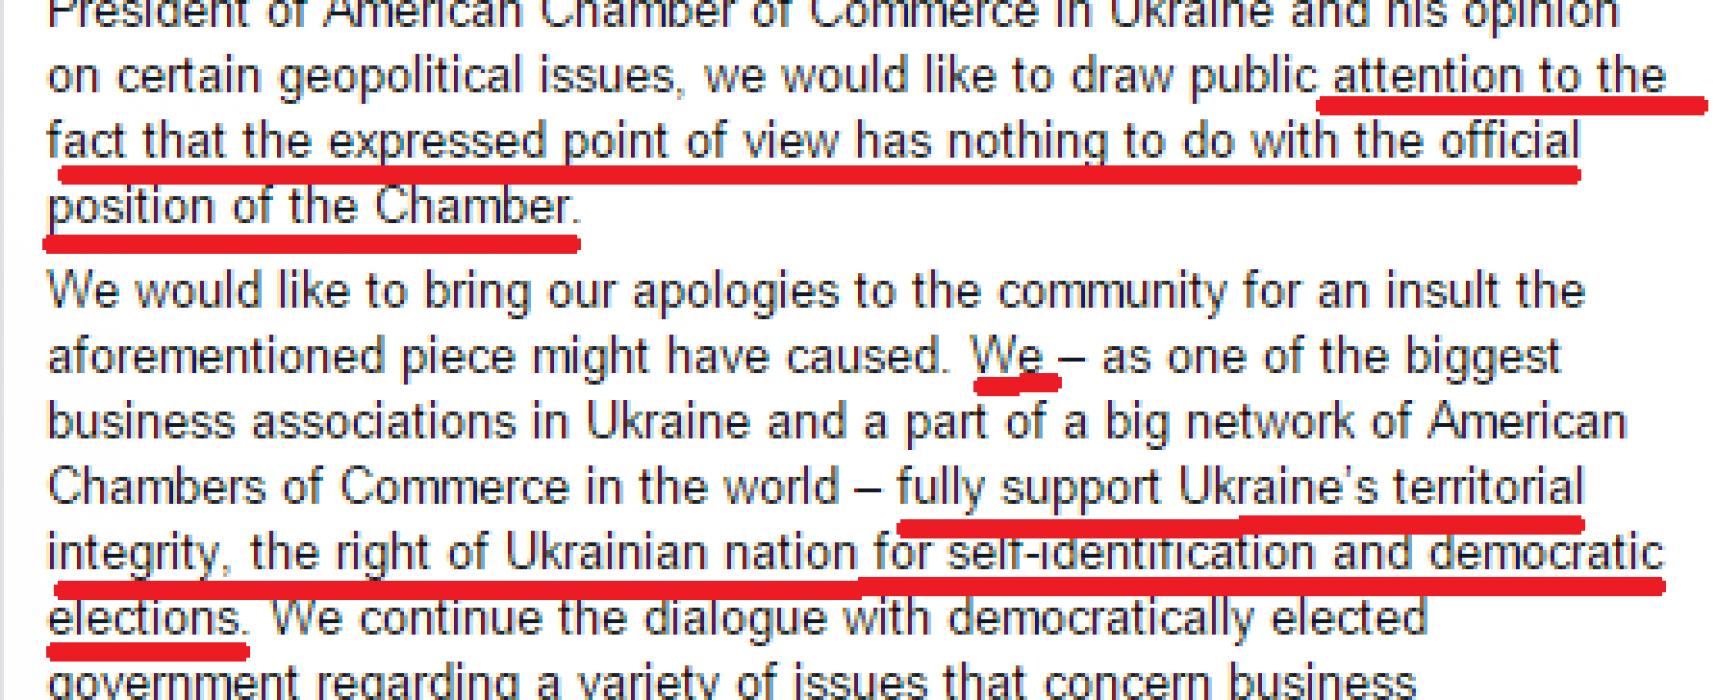 В Американской Торговой Палате в Украине категорически не согласны с мнением экс-президента этой организации